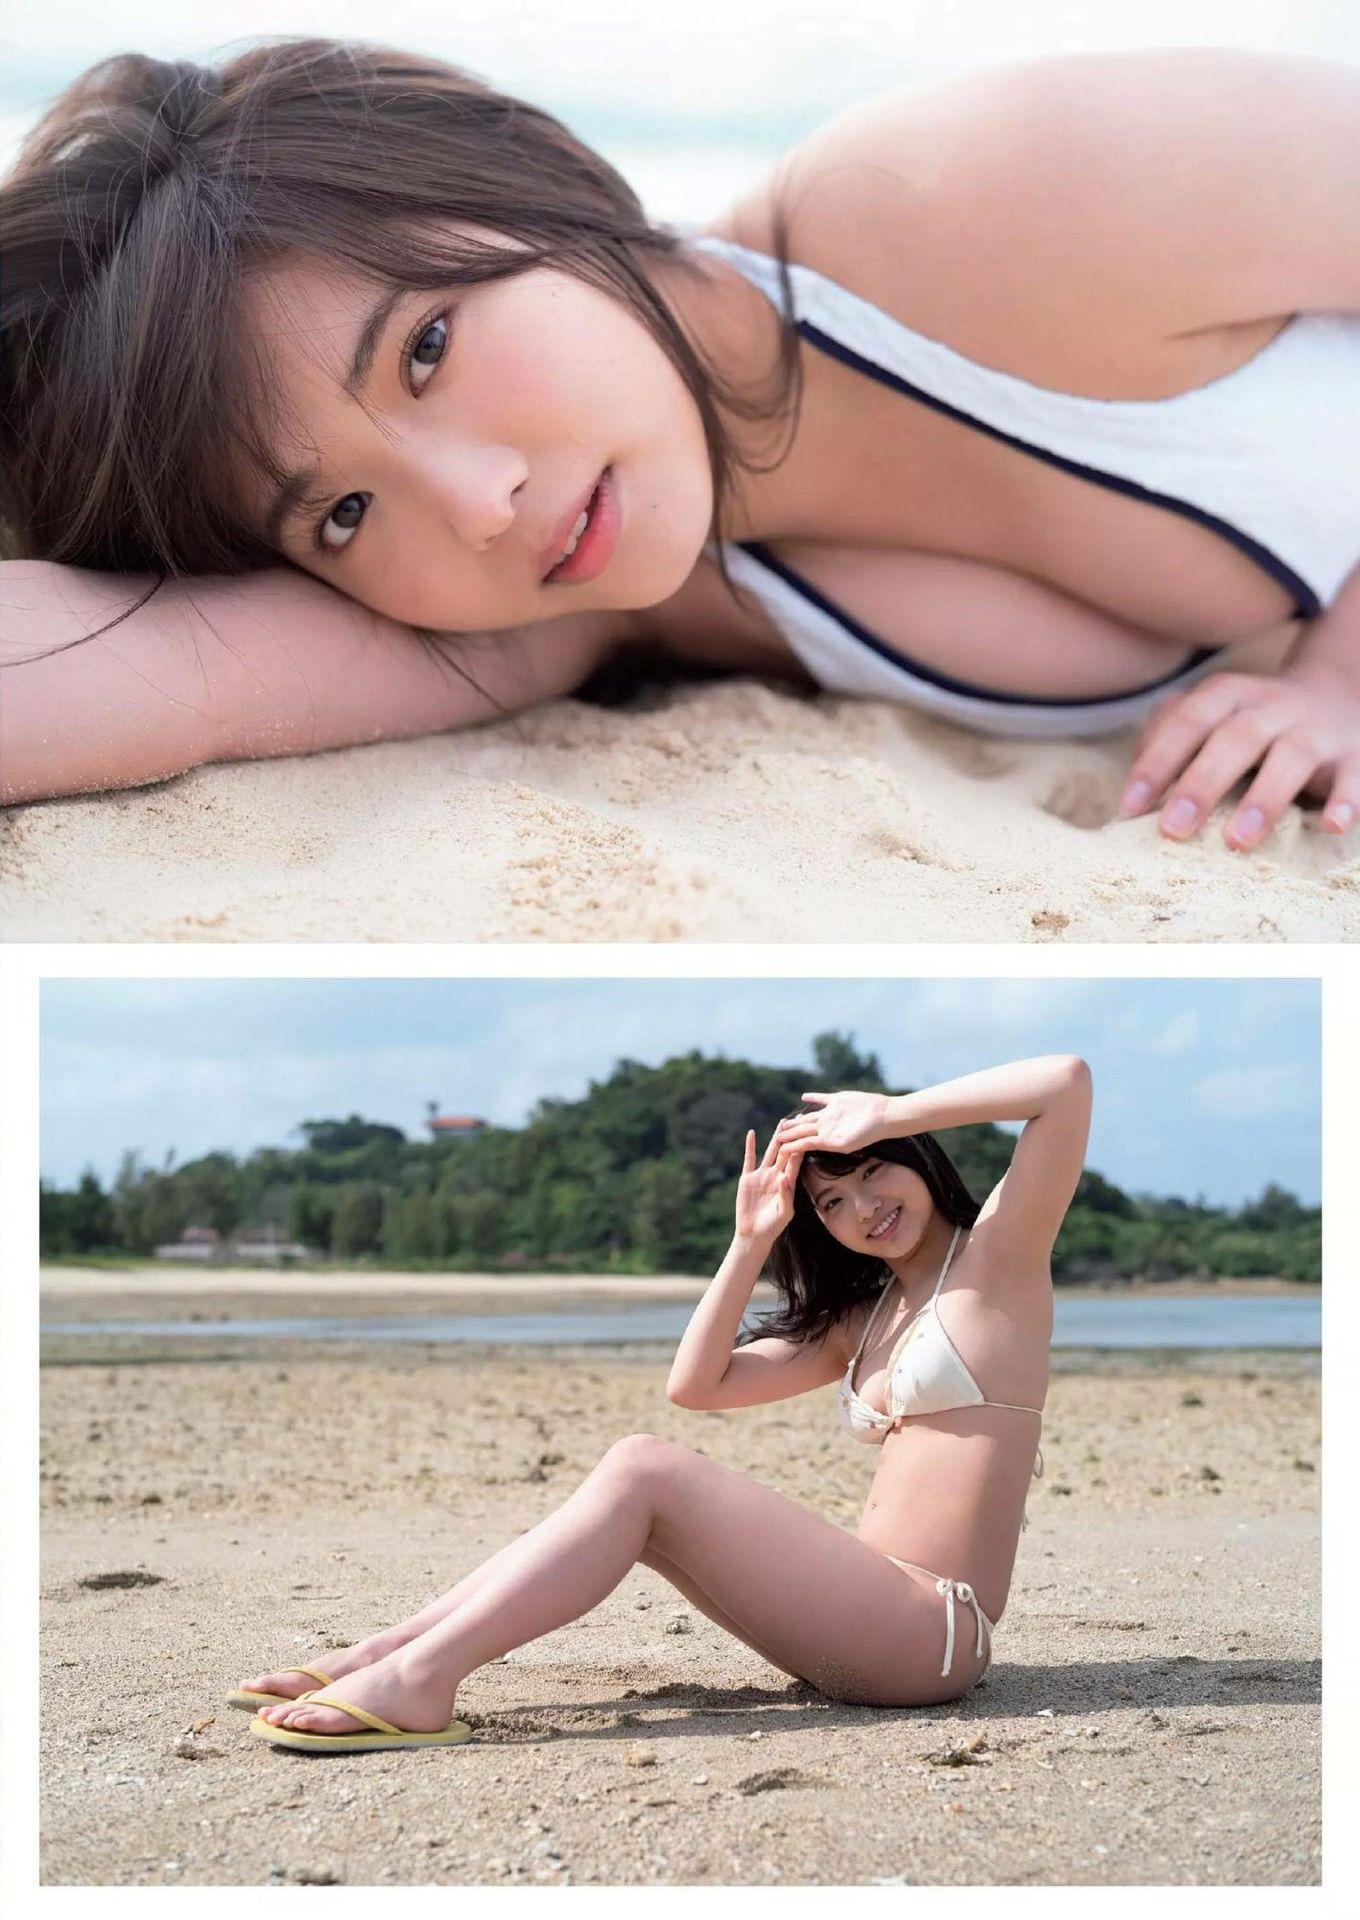 高崎加奈美 吉田爱理-Weekly Playboy-第12张图片- www.coserba.com整理发布